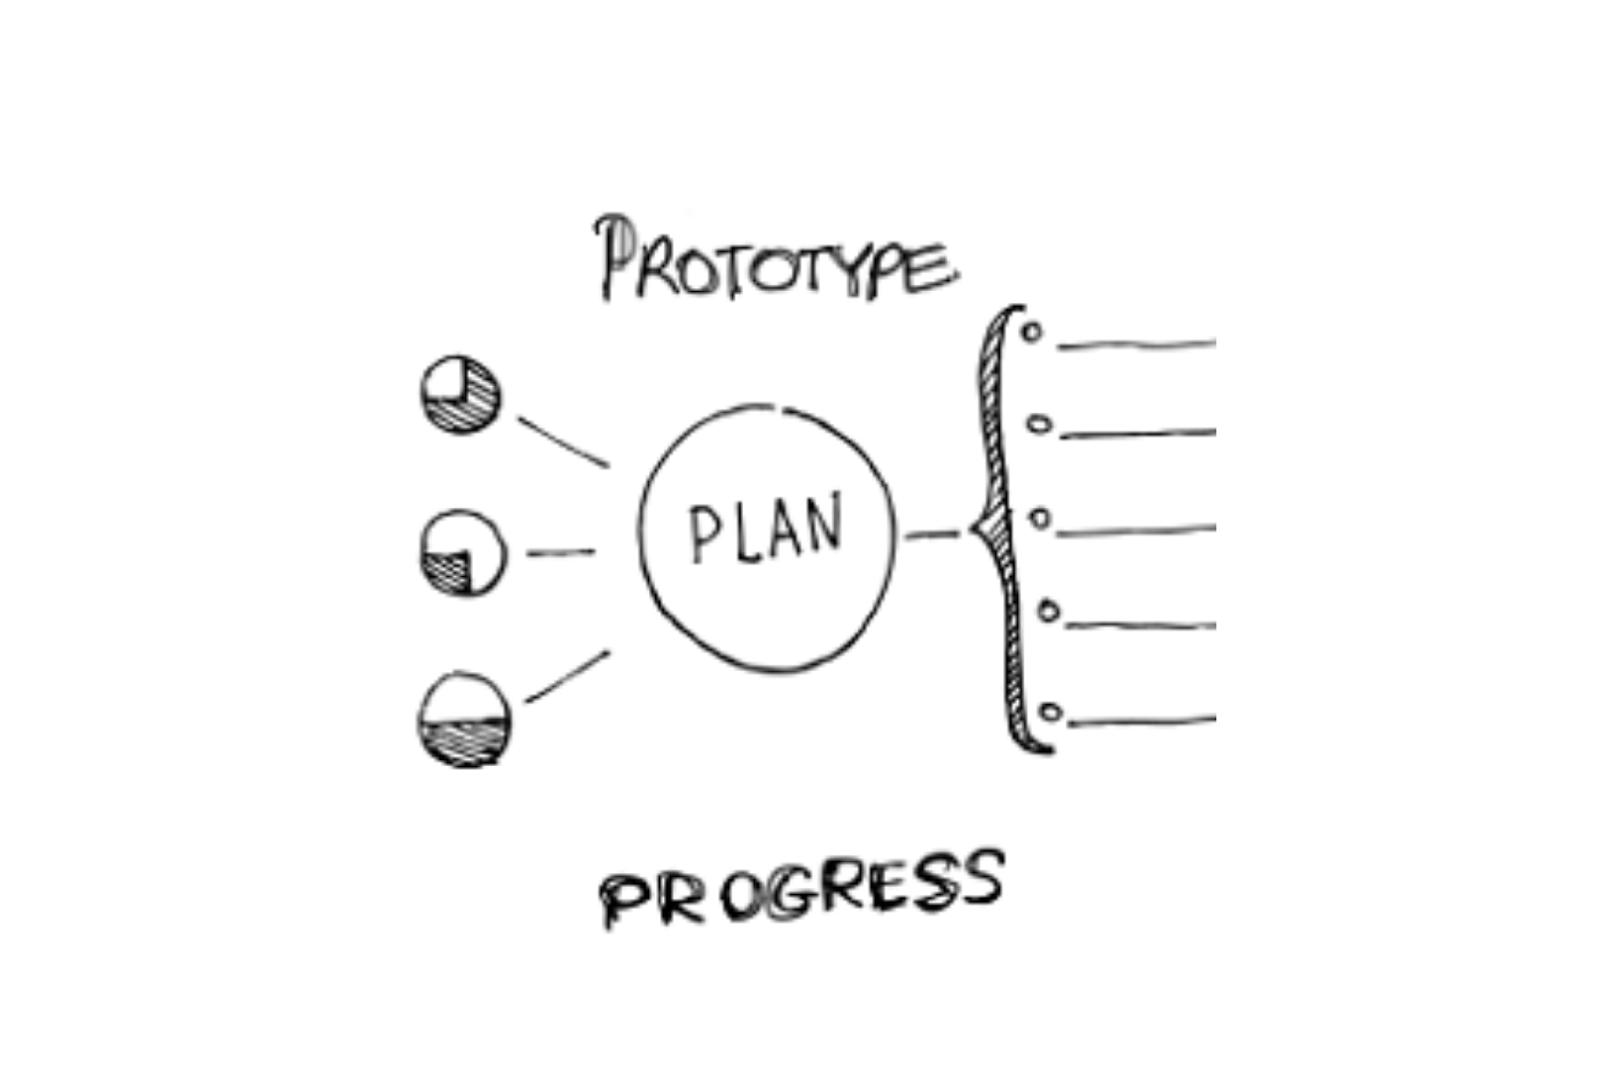 Prototype Progress